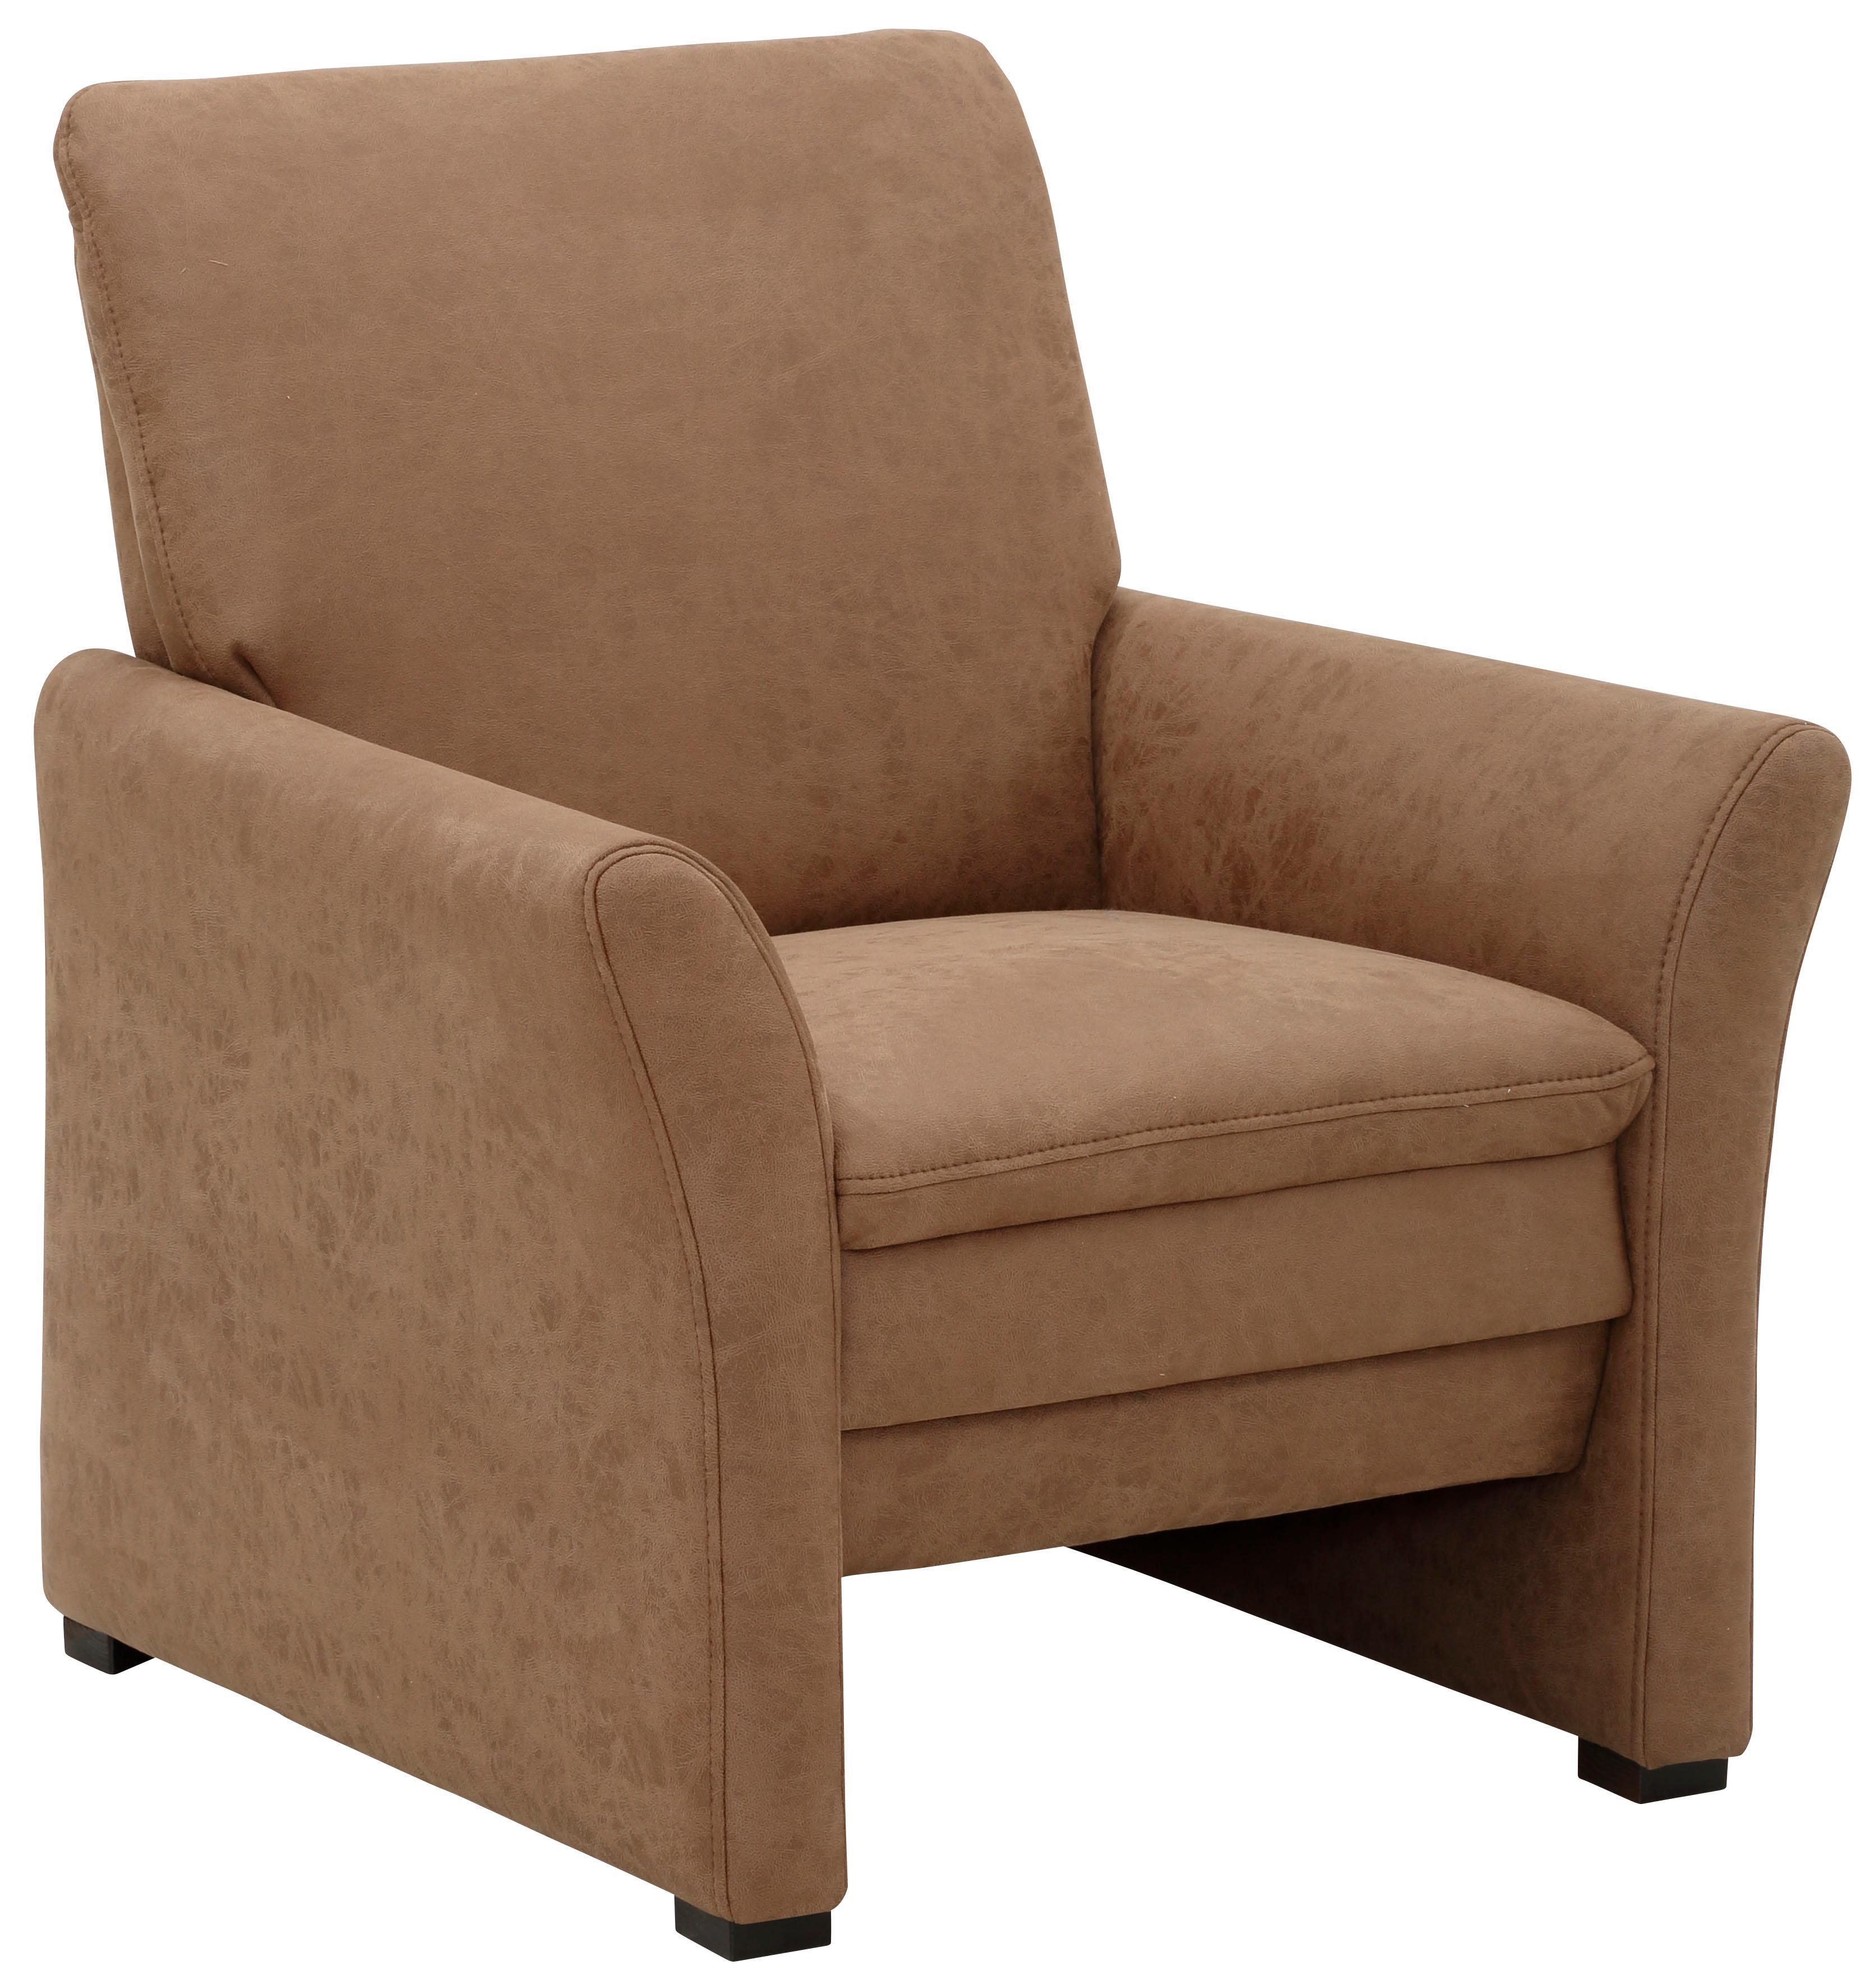 Delavita Sessel Elani mit Federkern in 2 Größen/ Sitzbreiten